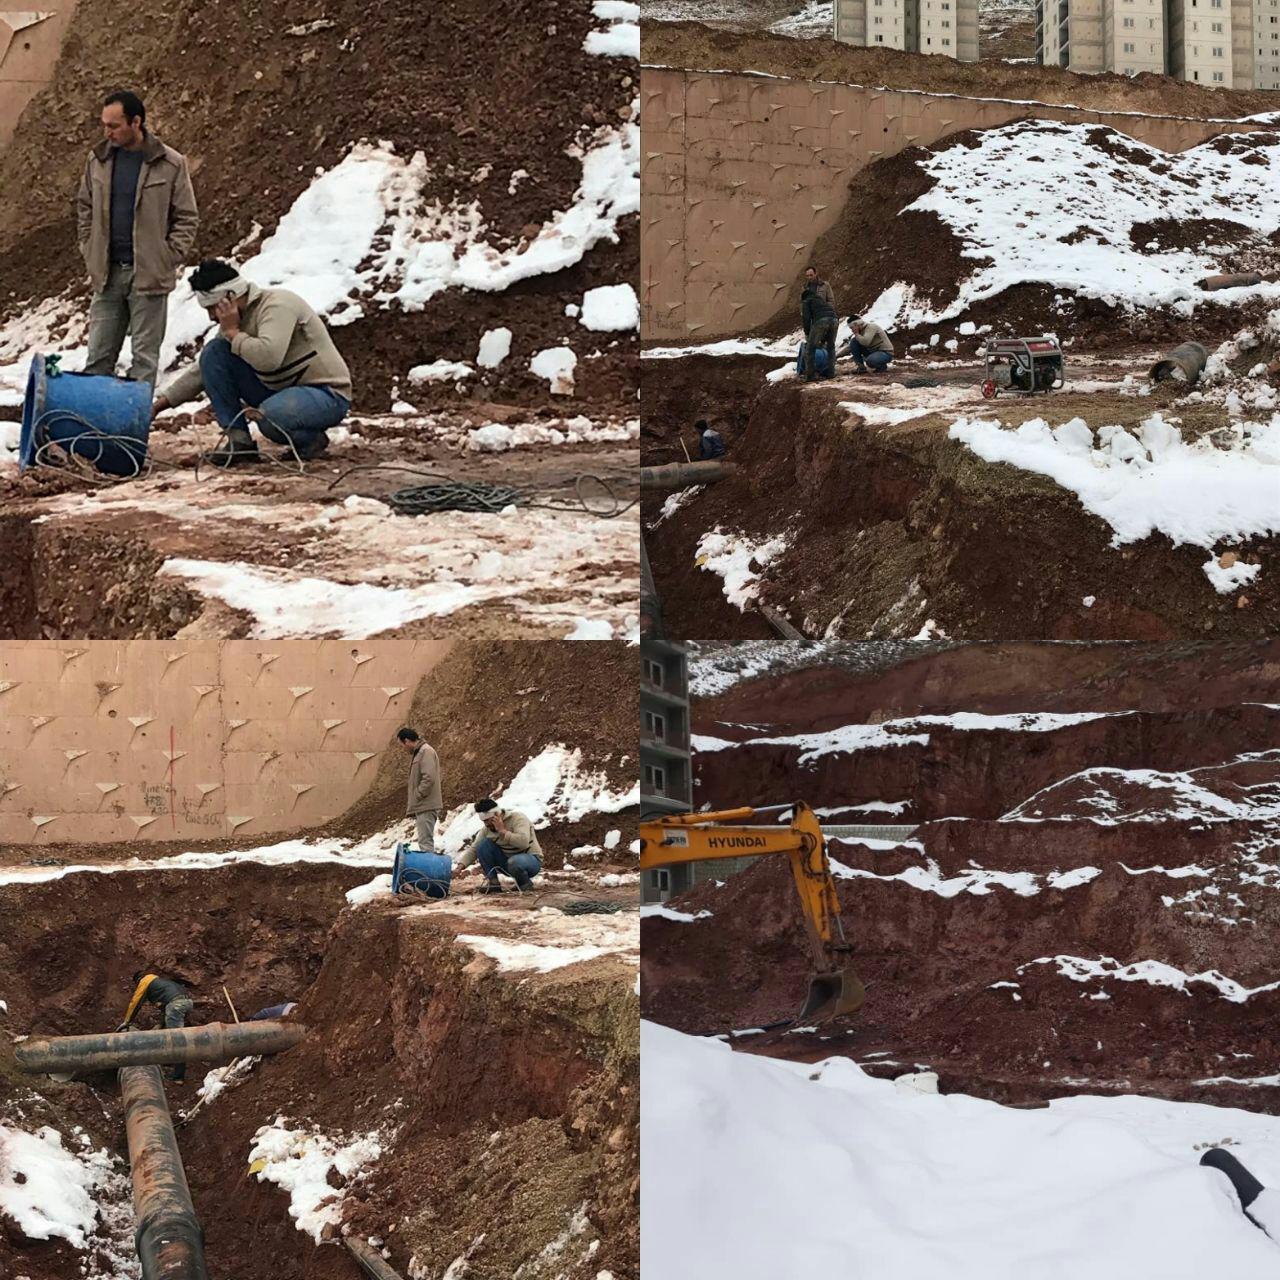 ریزش برداری و ادامه حفاری خط ۴۰۰ چدن شبکه توزیع آب زون ۵ پردیس   شنبه: ۹۷/۱۰/۱۶